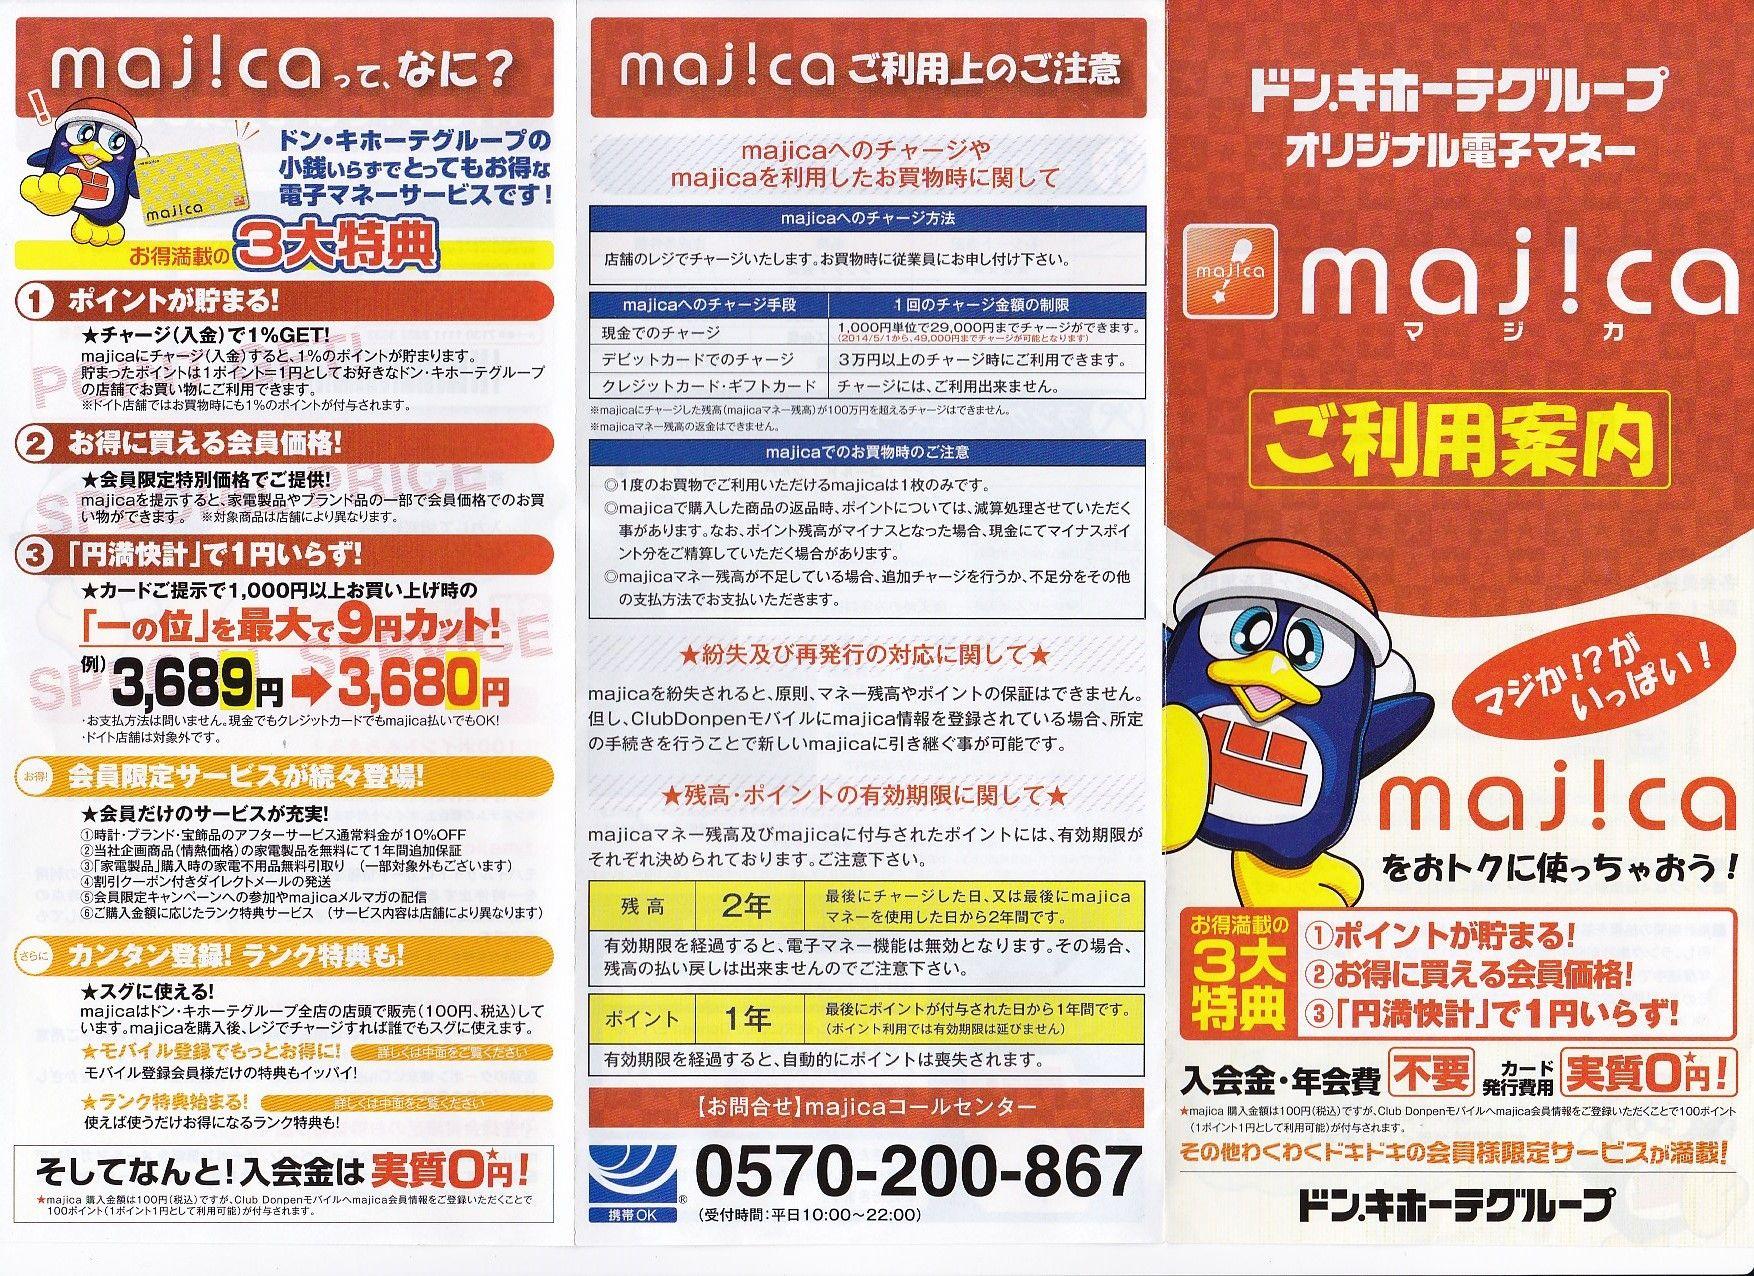 マジカ カード